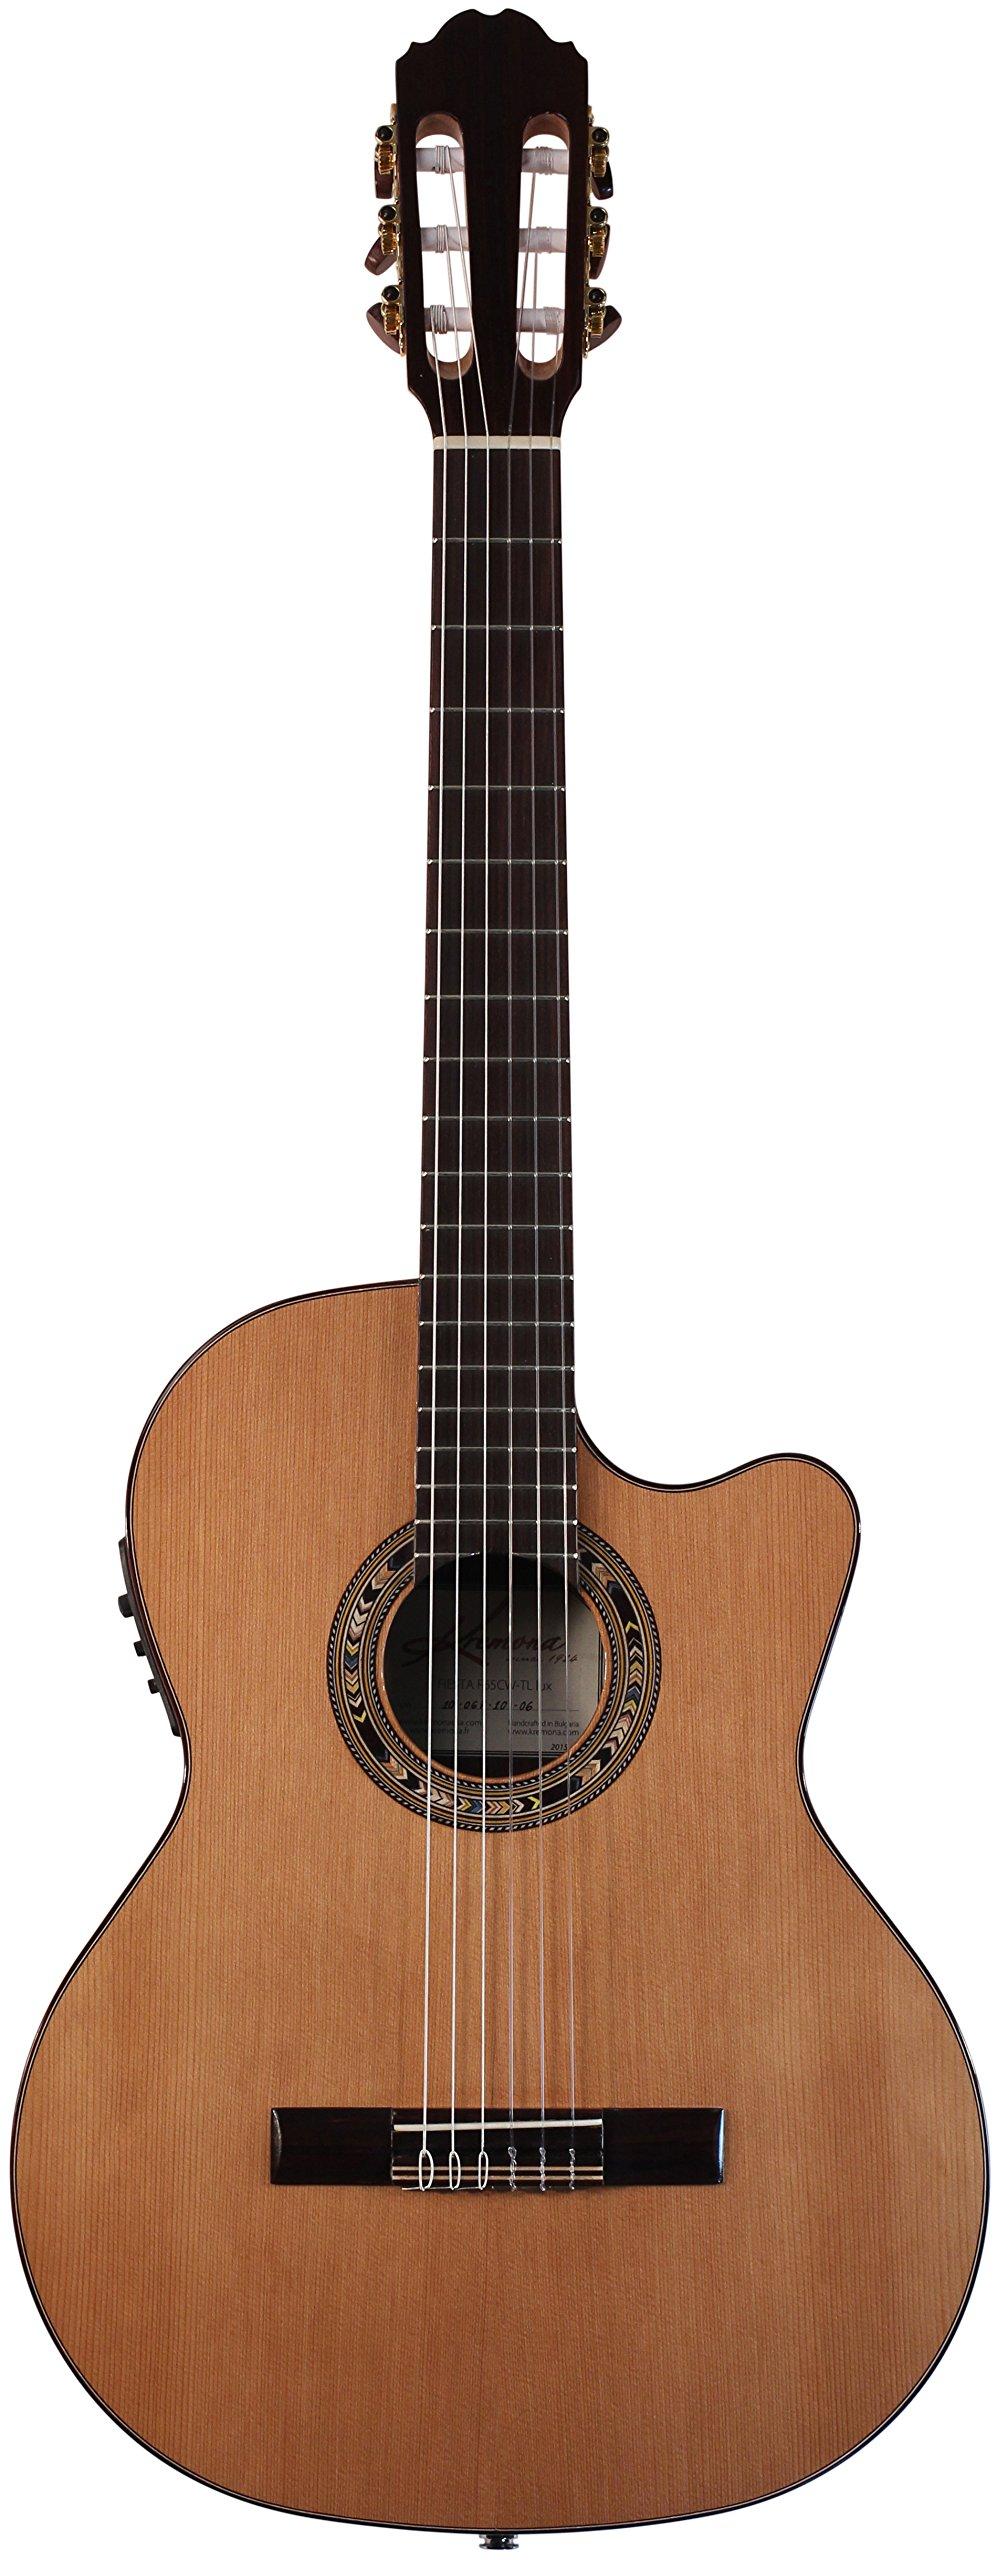 kremona 6 string acoustic electric guitar size 1 fiesta tl guitar affinity. Black Bedroom Furniture Sets. Home Design Ideas